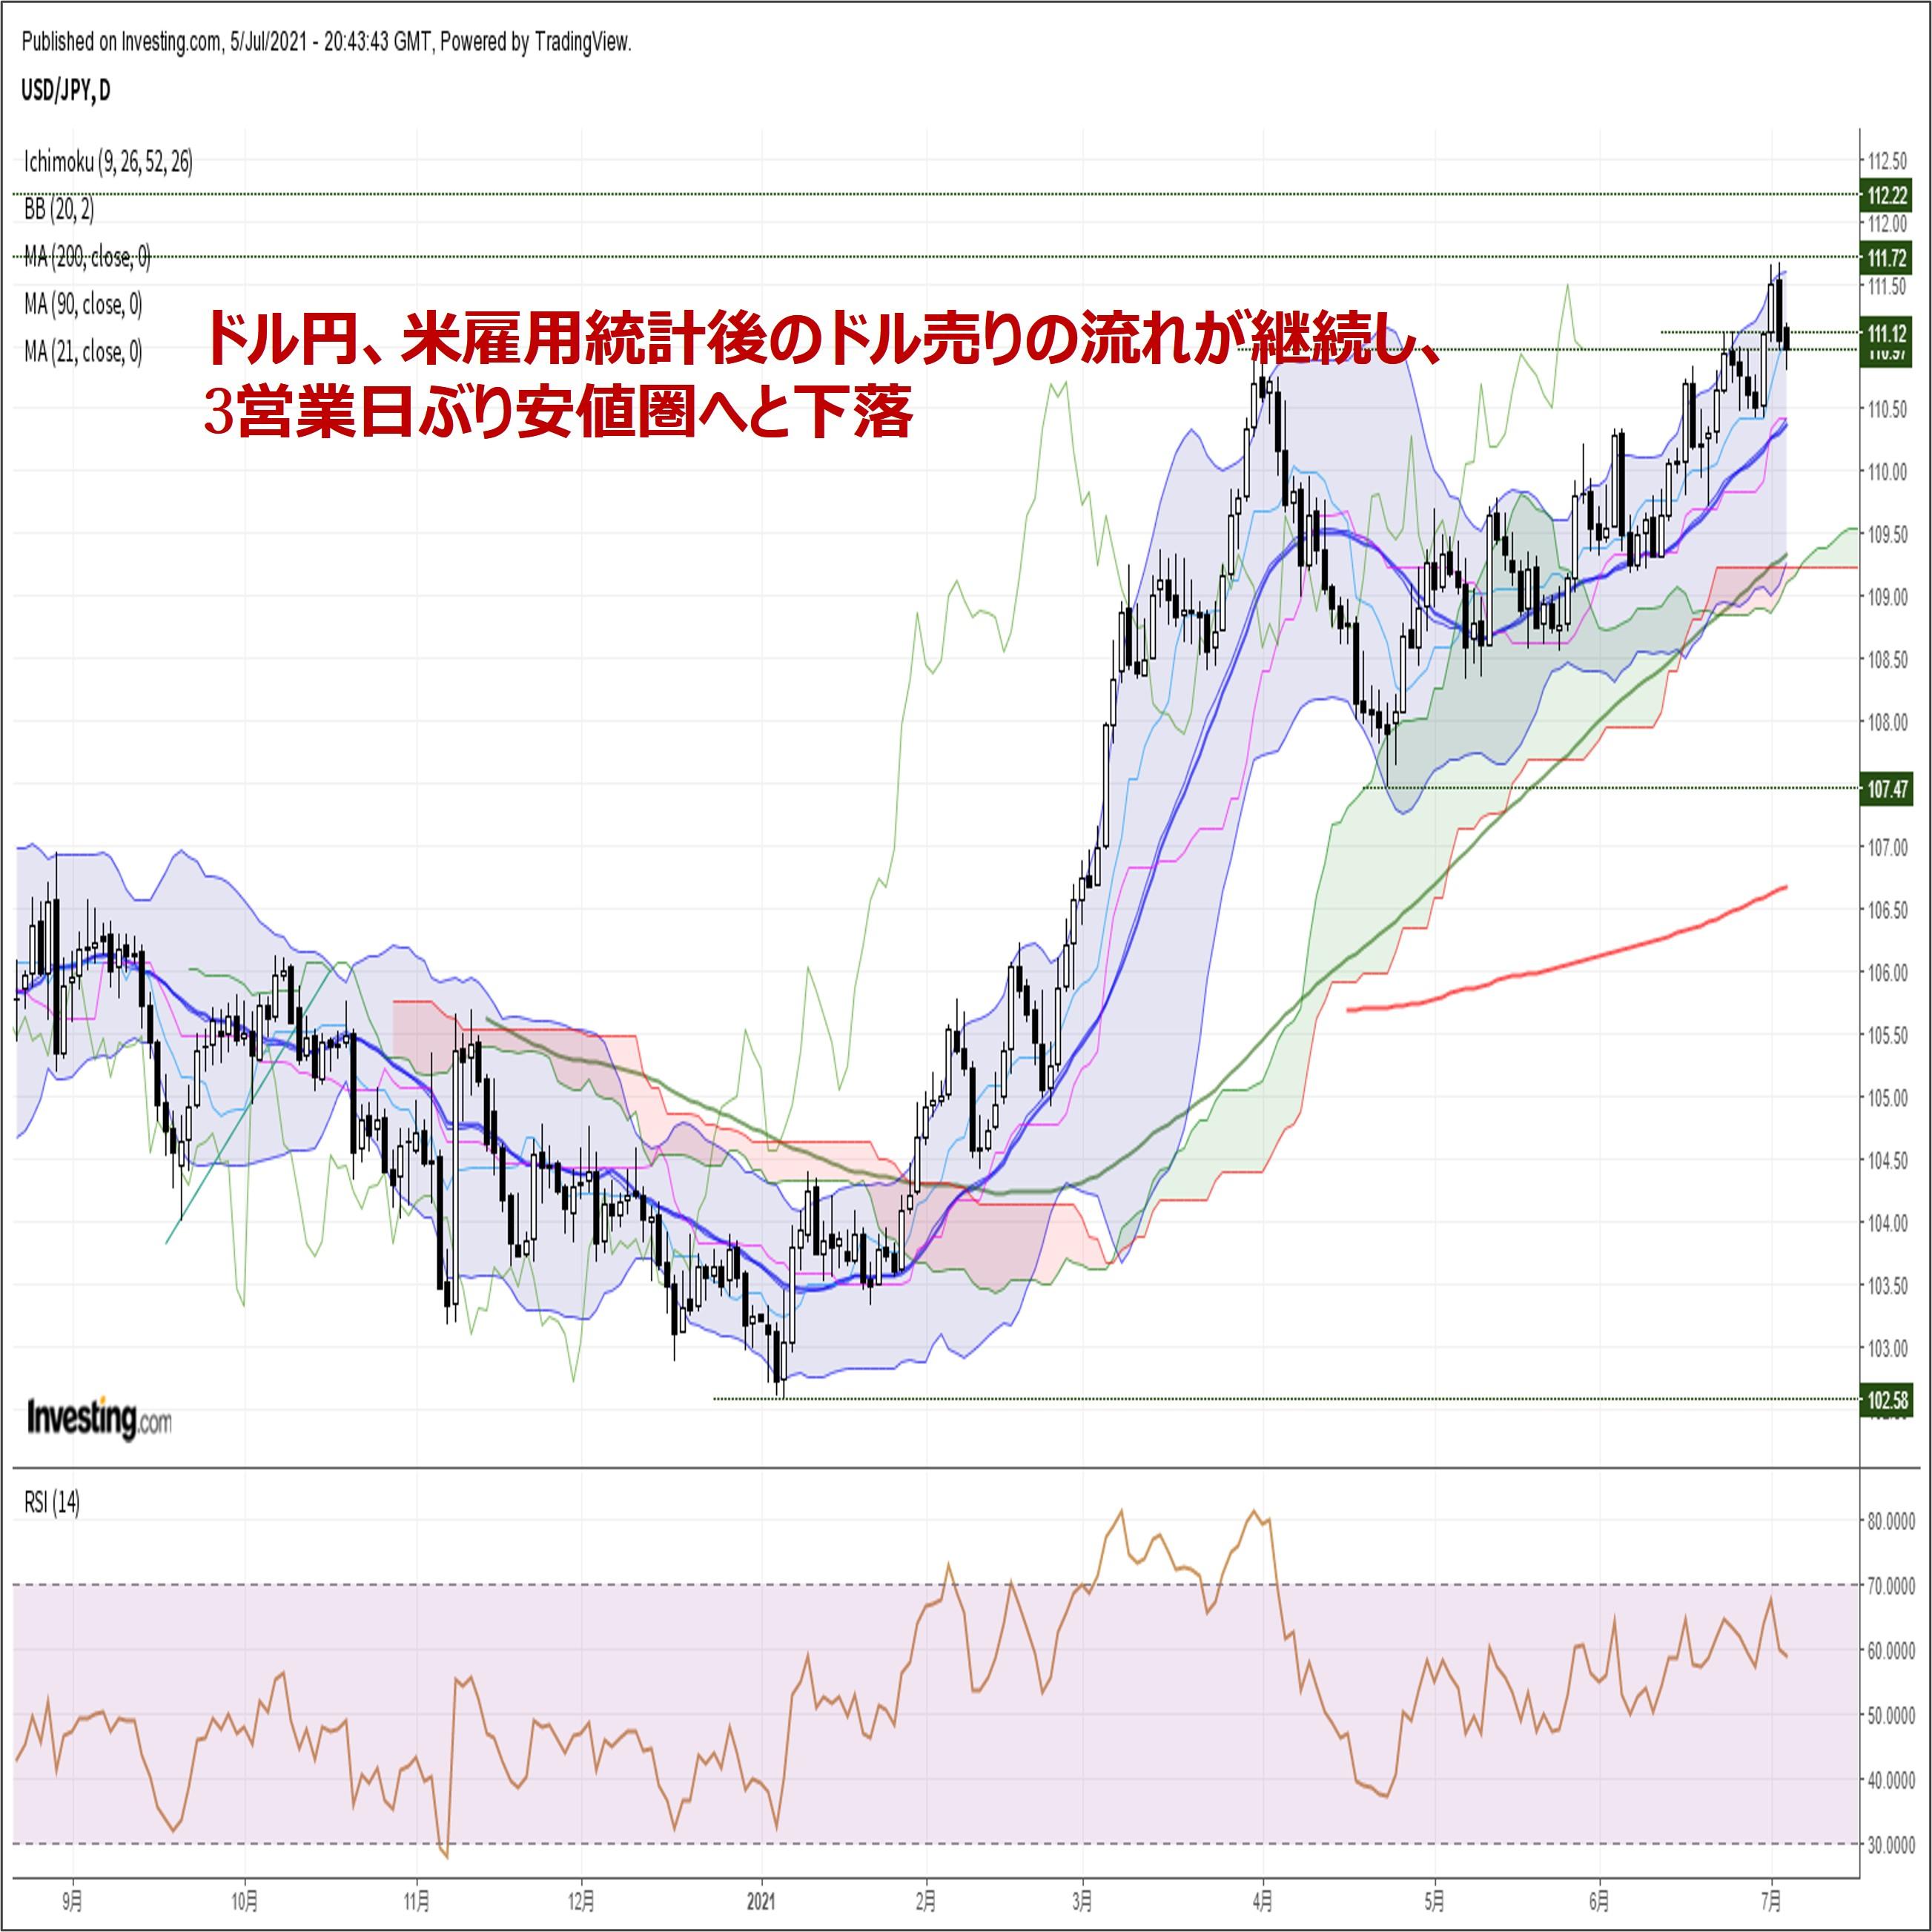 ドル円、米雇用統計後のドル売りの流れが継続し、3営業日ぶり安値圏へと下落(7/6朝)